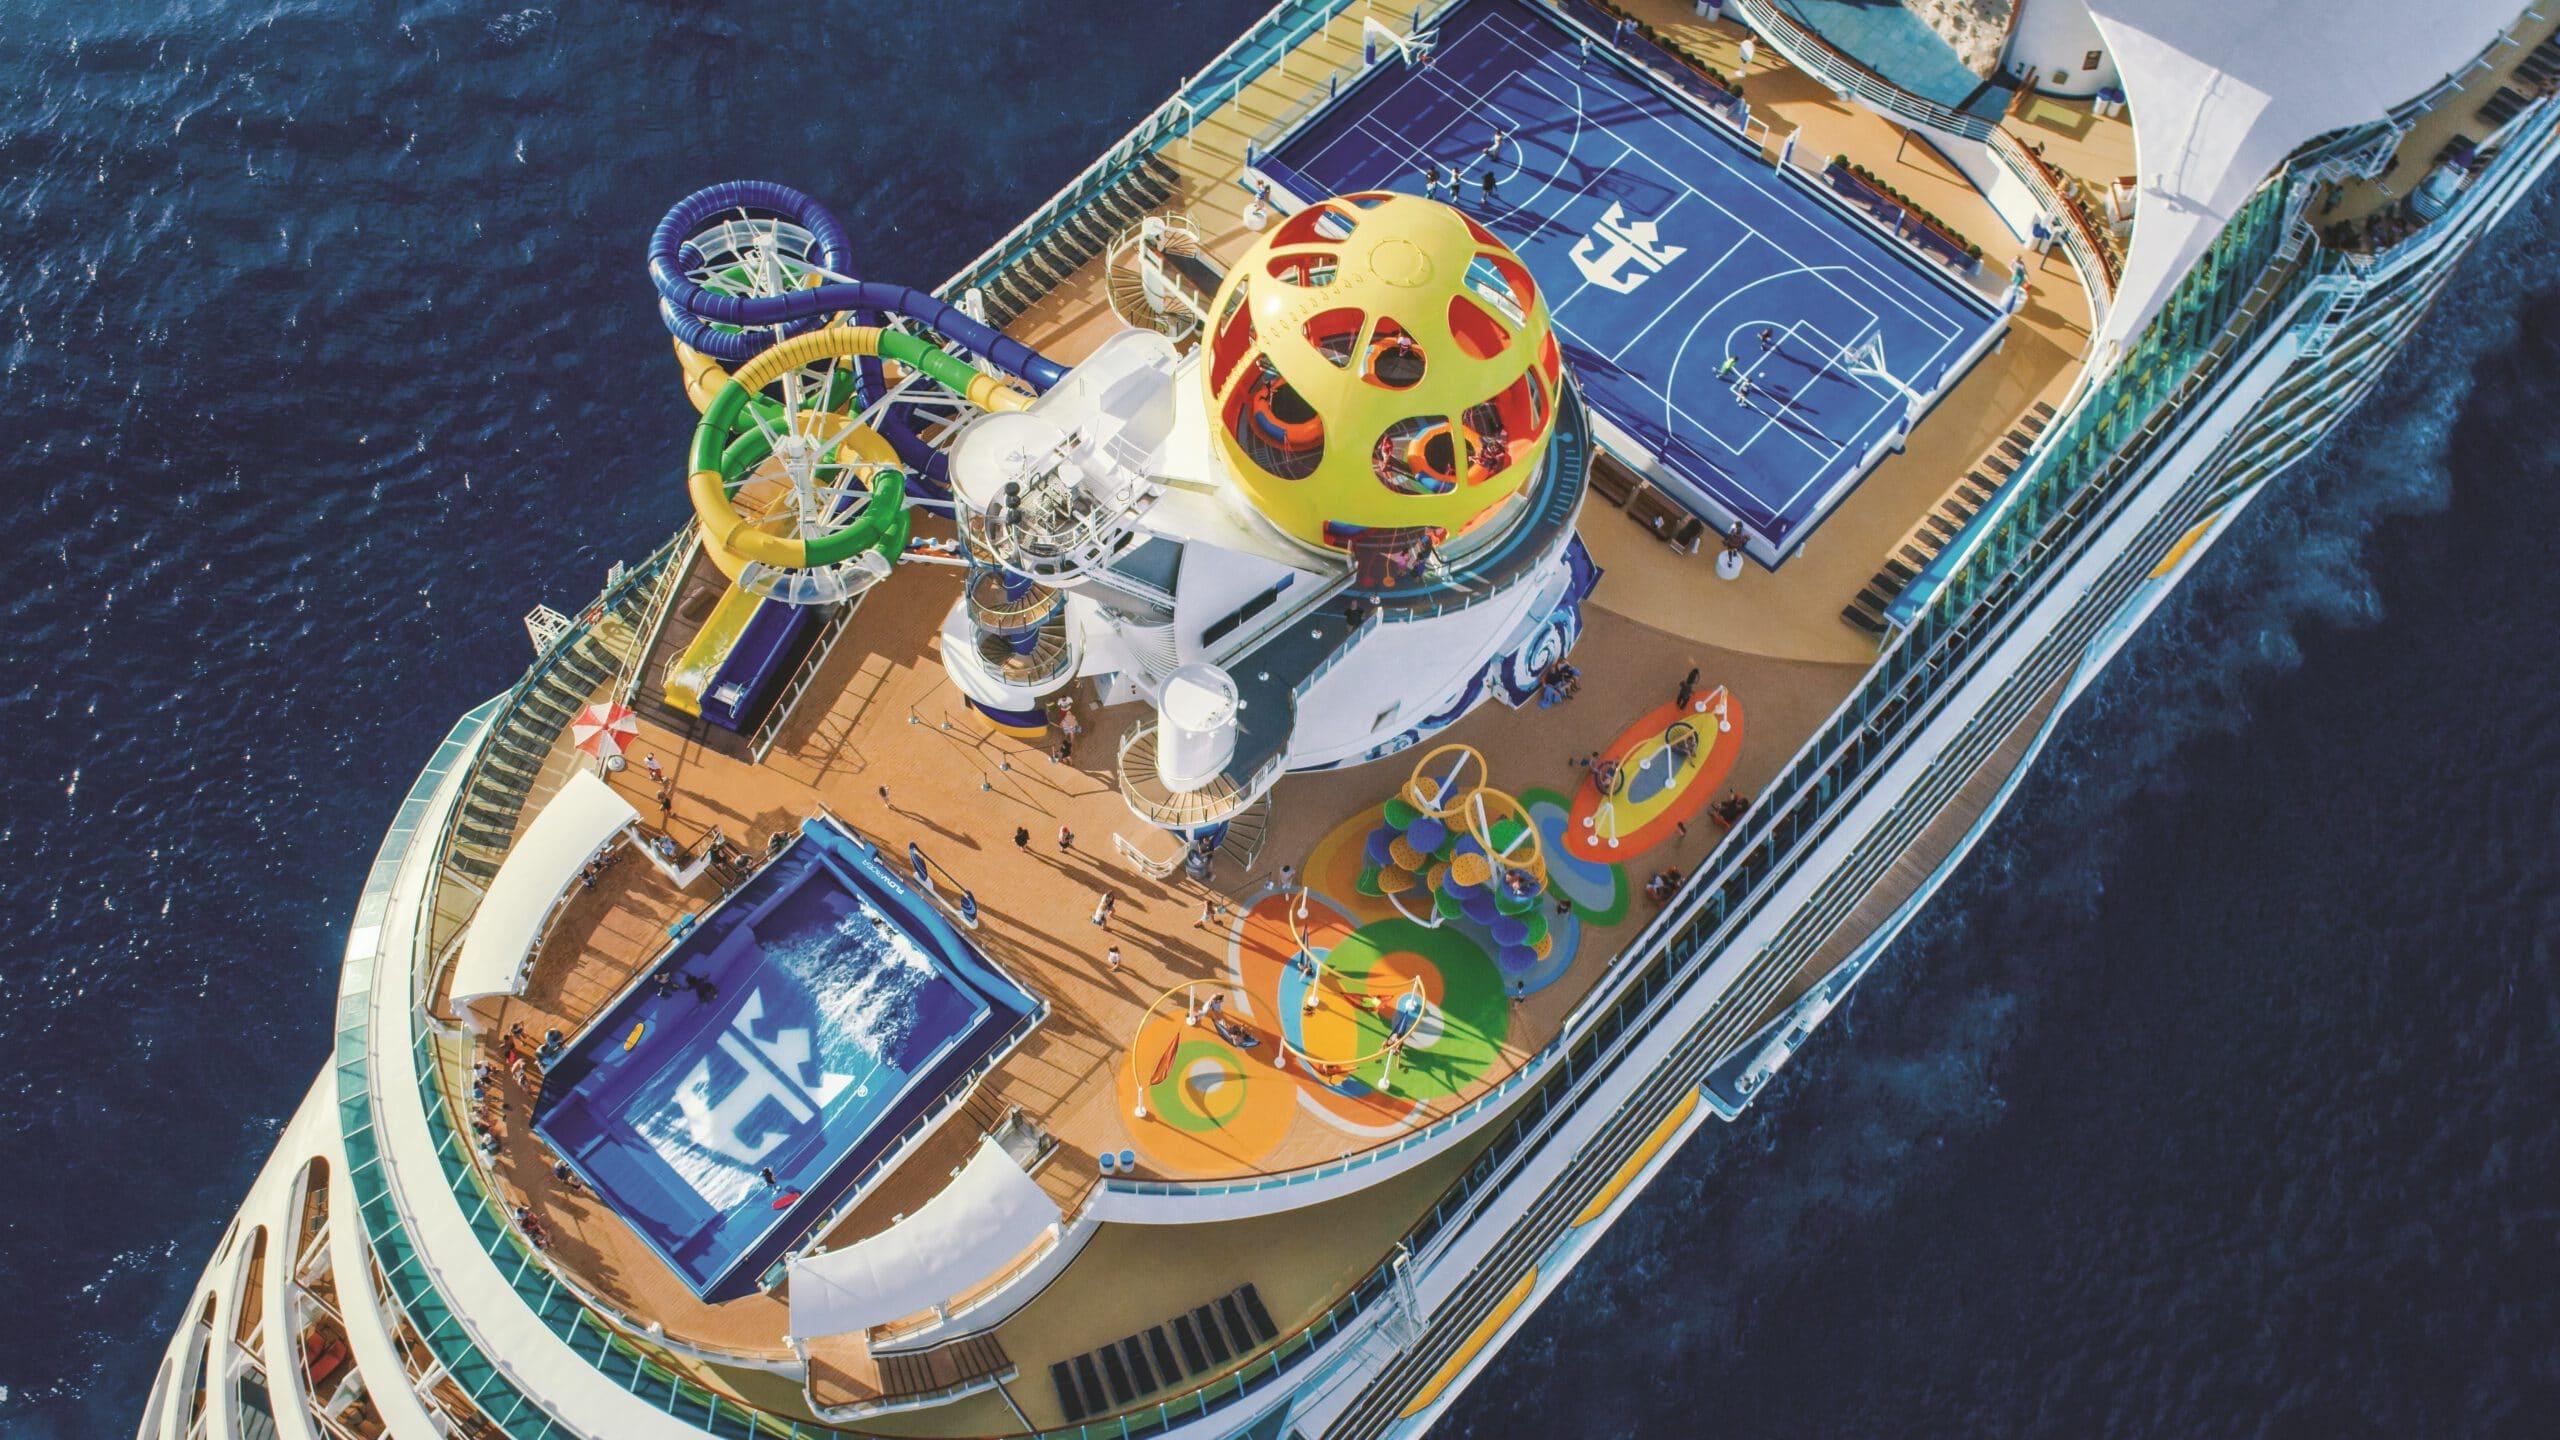 Cruiseschip-Explorer of the Seas-Royal Caribbean International-Schip